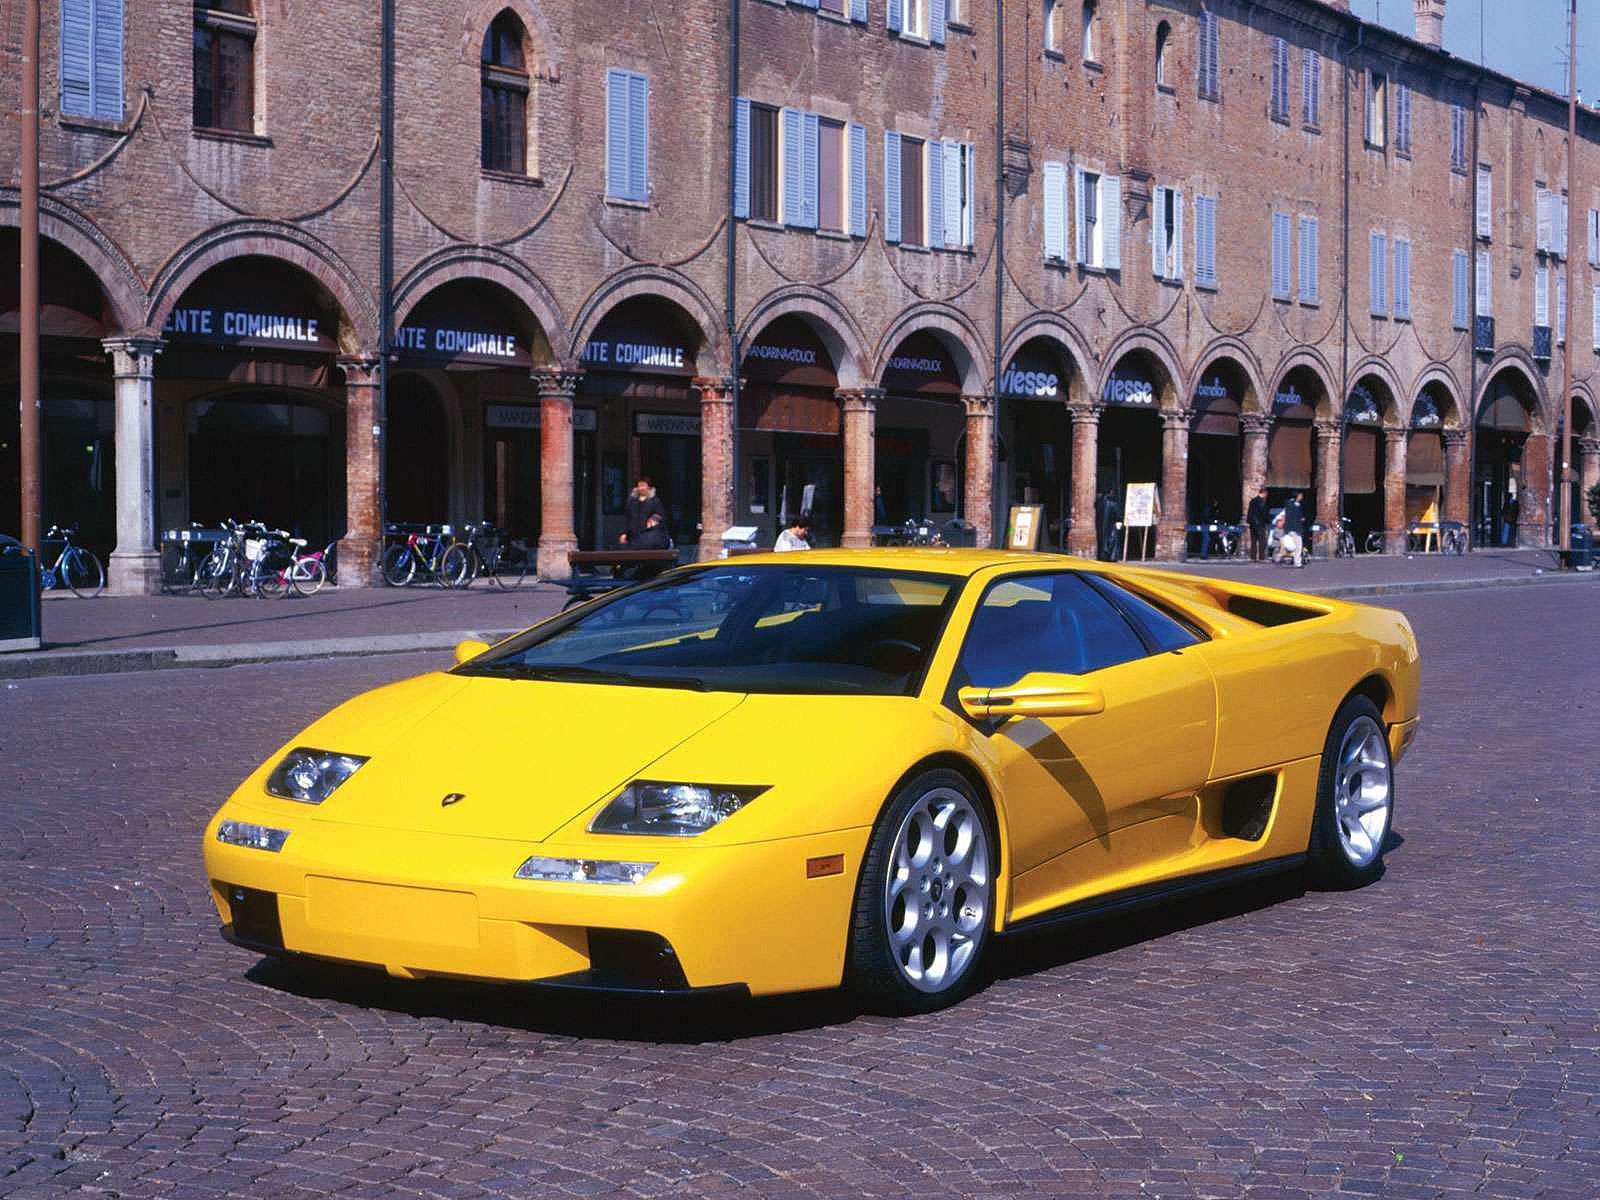 2001 Lamborghini Diablo 6.0 Lamborghini-Diablo_60_2001_1